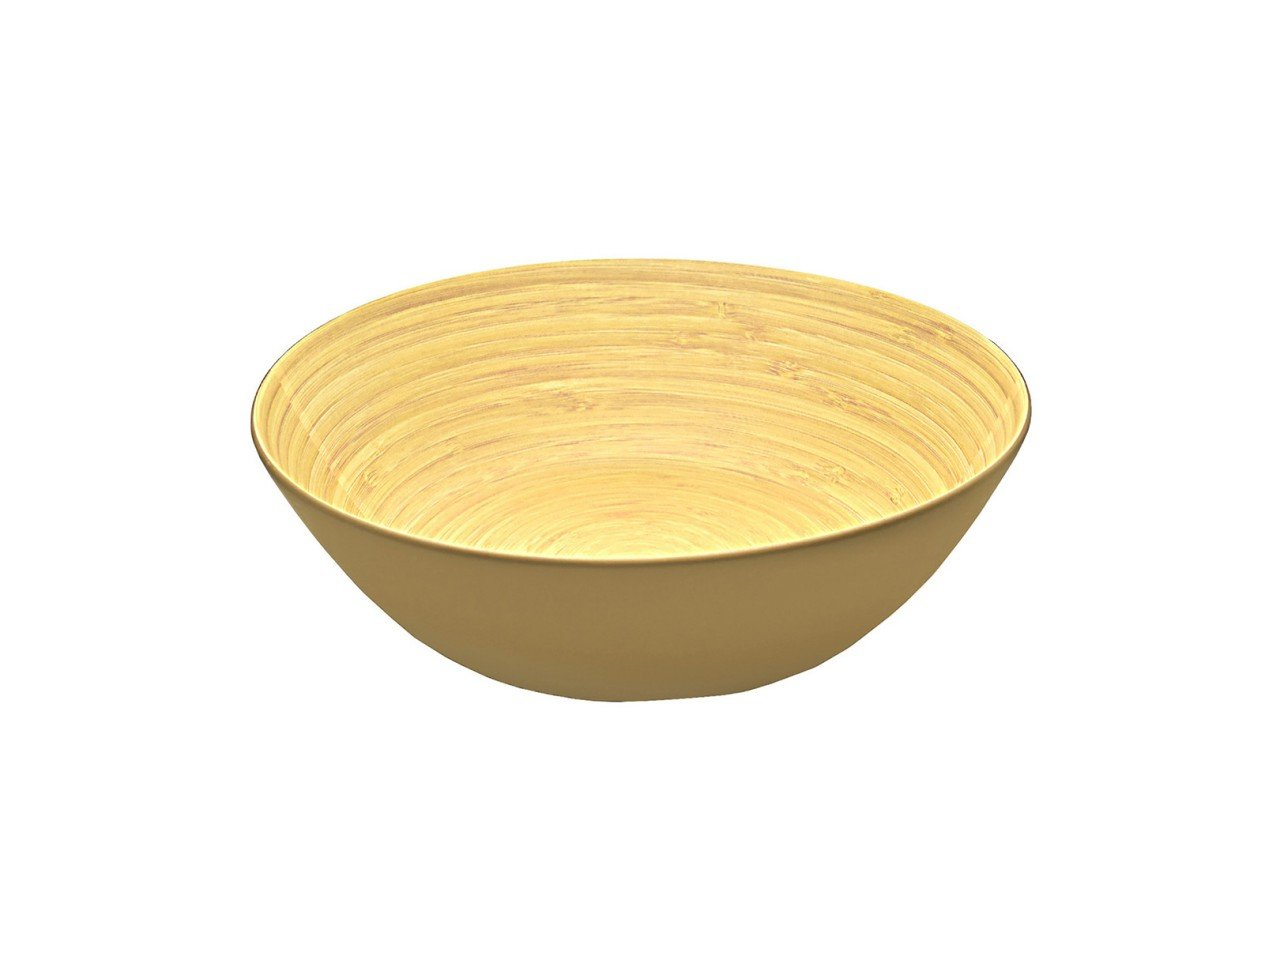 Ensaladera Bowl de Bambú color Café con Beige